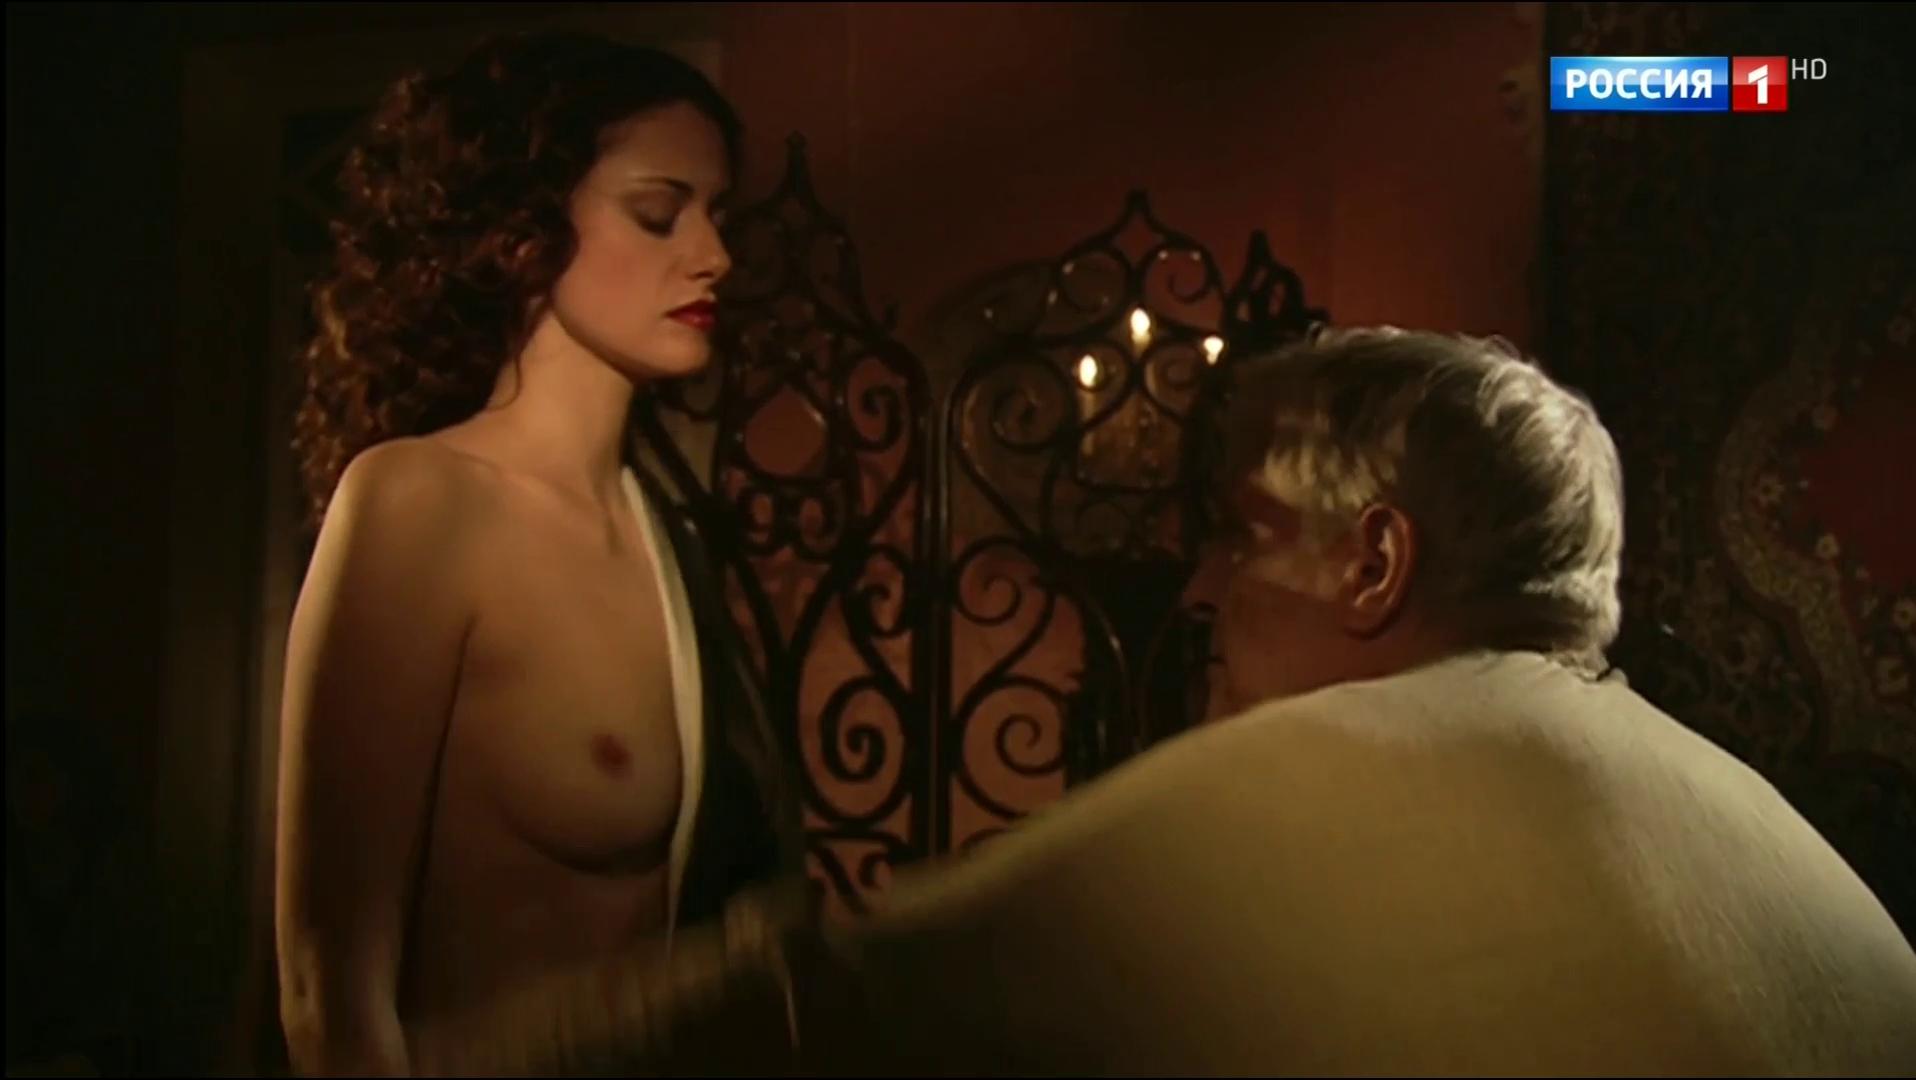 смотреть порно фильмы с участием анны торв